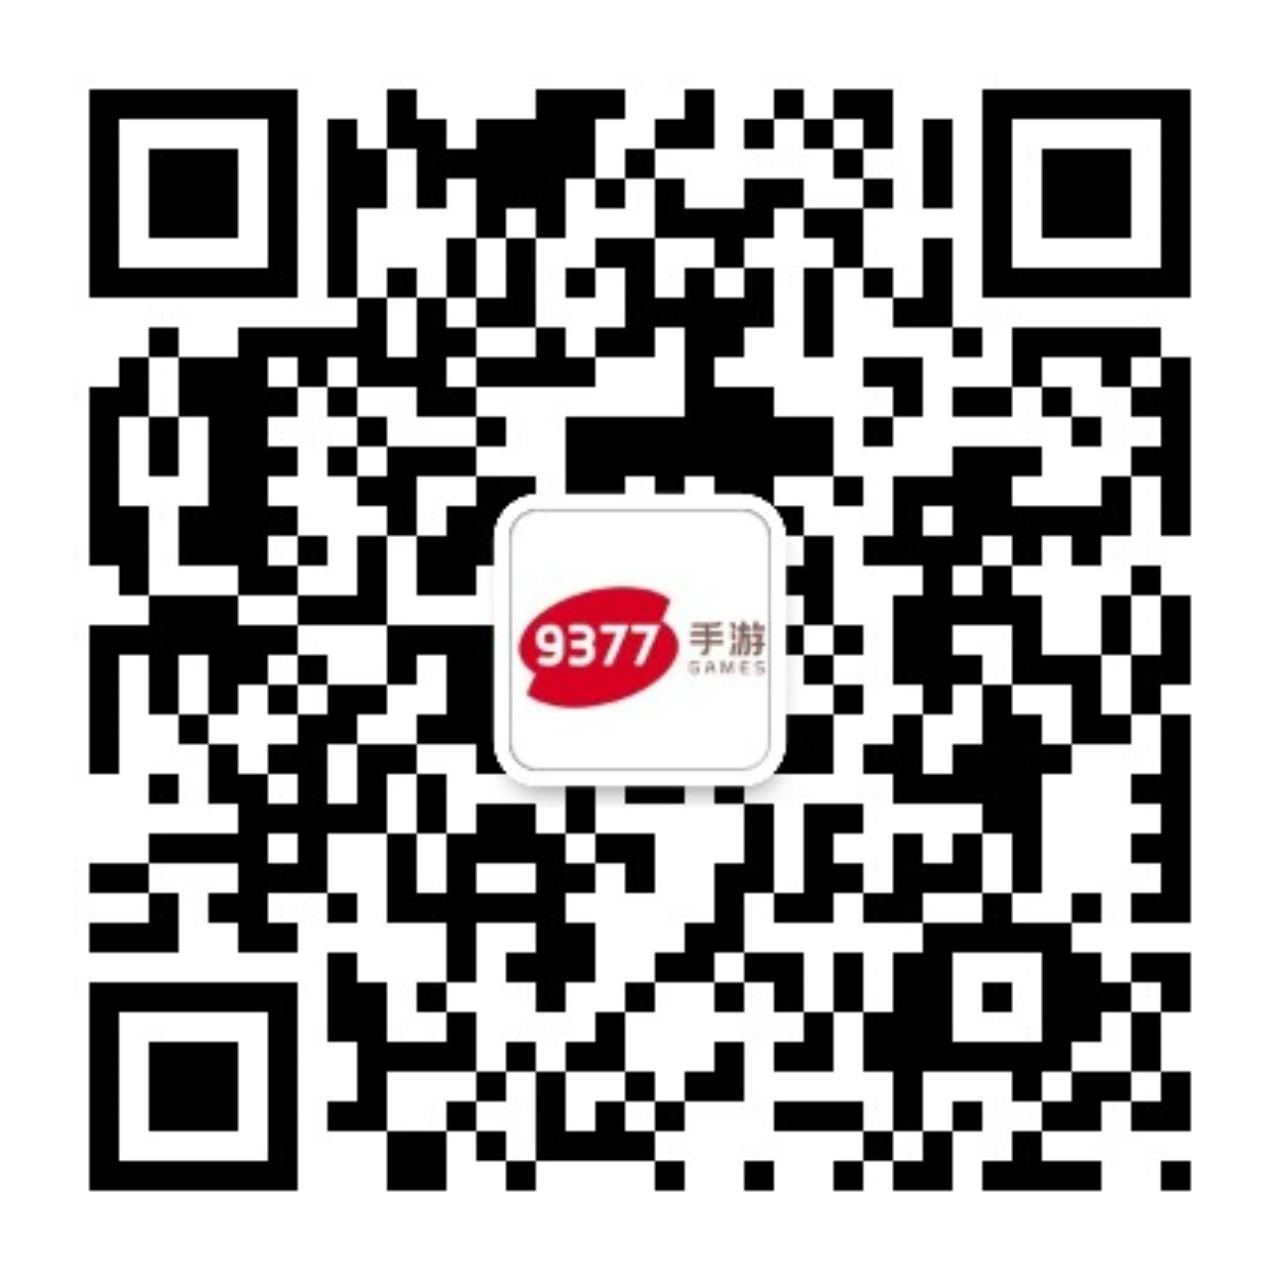 9377官方公众号二维码.jpg